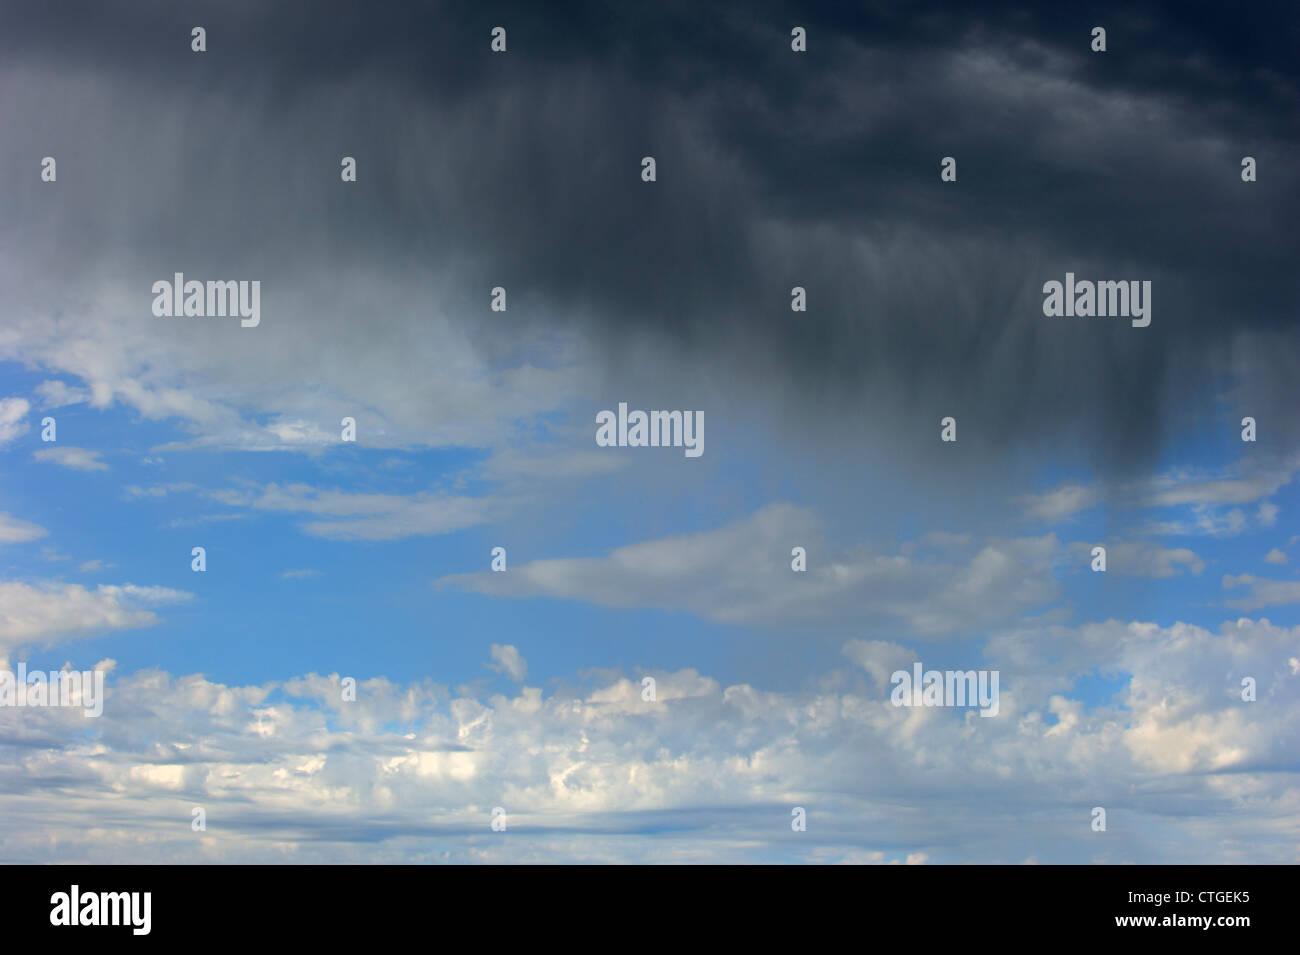 Rain falling from Cumulonimbus clouds over the sea - Stock Image